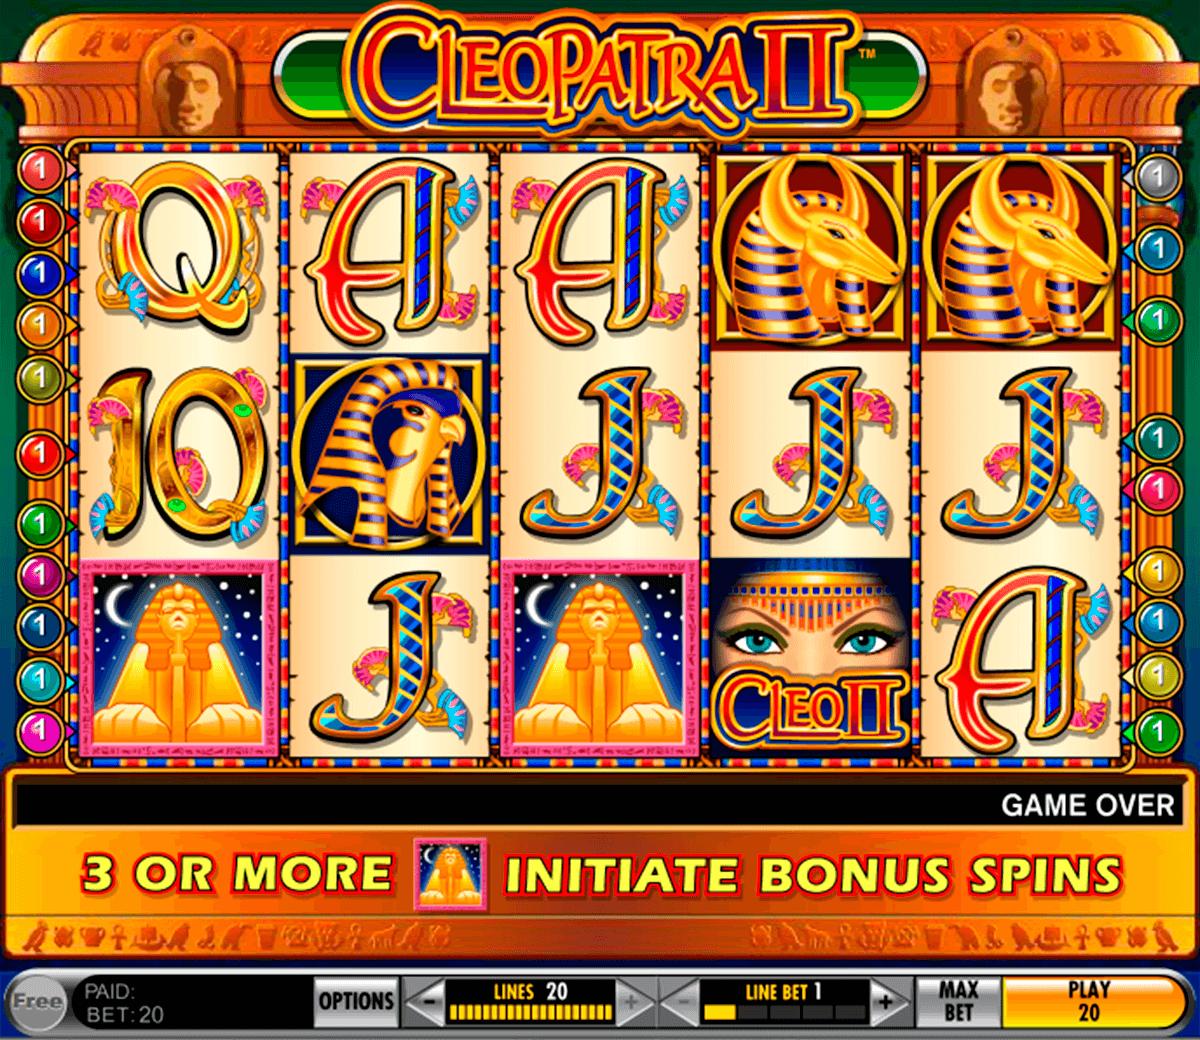 Tragamonedas 3 Tambores casino europeo gratis-293013